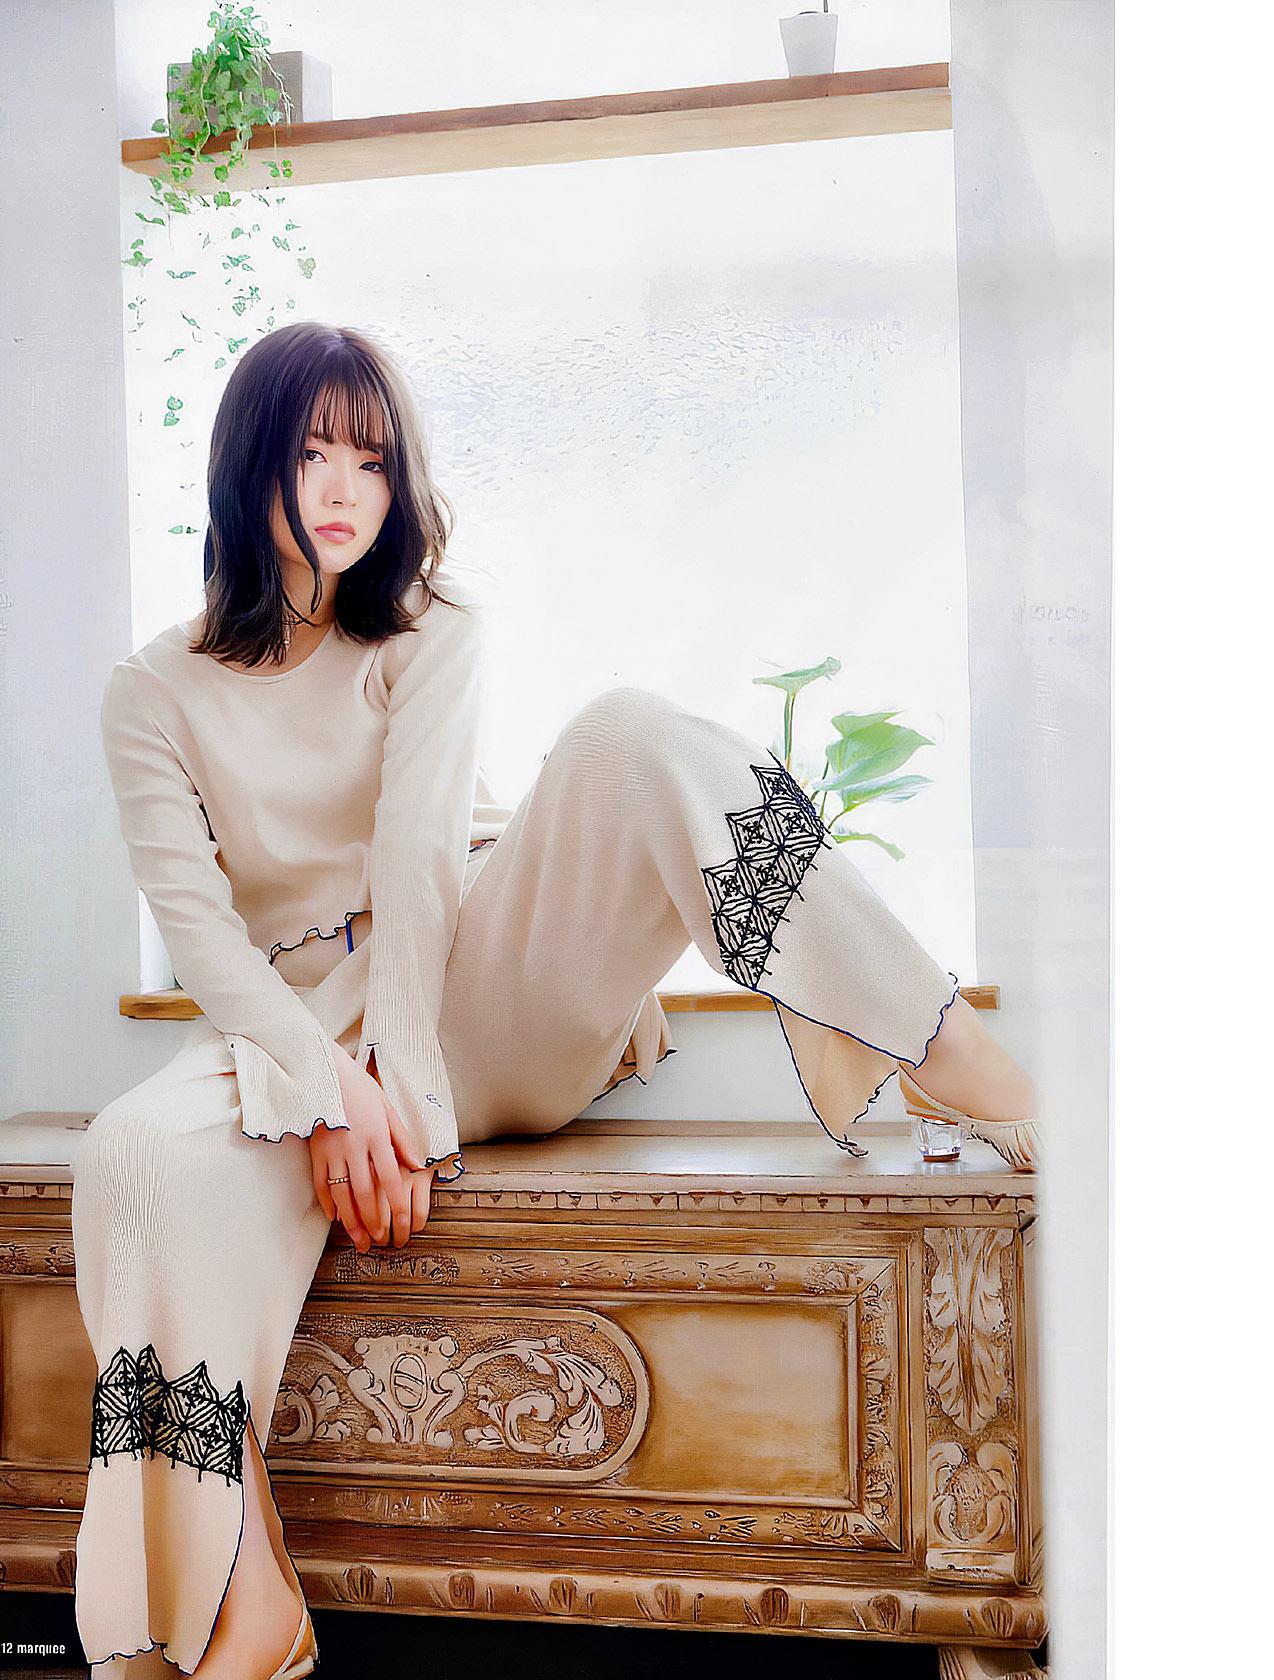 Rena Yamazaki N46 Marquee 138 2020 12.jpg